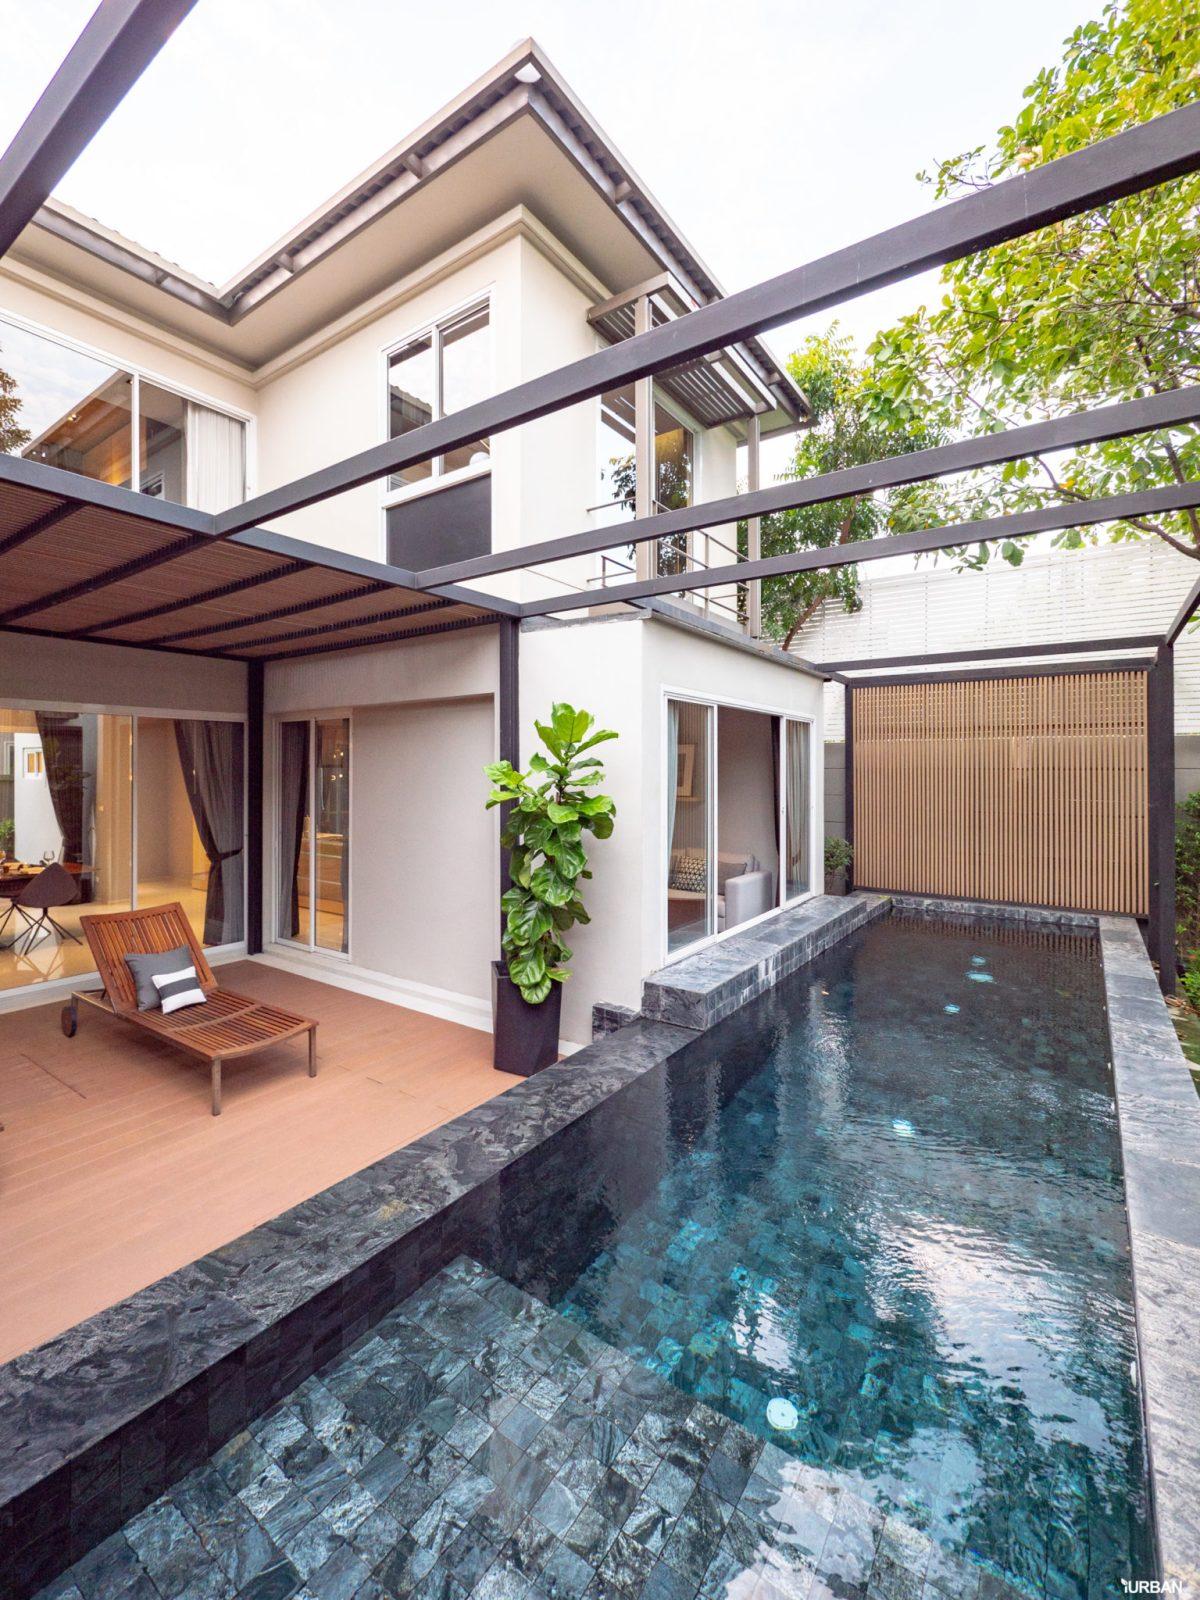 รีวิว บารานี พาร์ค ศรีนครินทร์-ร่มเกล้า บ้านสไตล์ Courtyard House ของไทยที่ได้รางวัลสถาปัตยกรรม 152 - Baranee Park